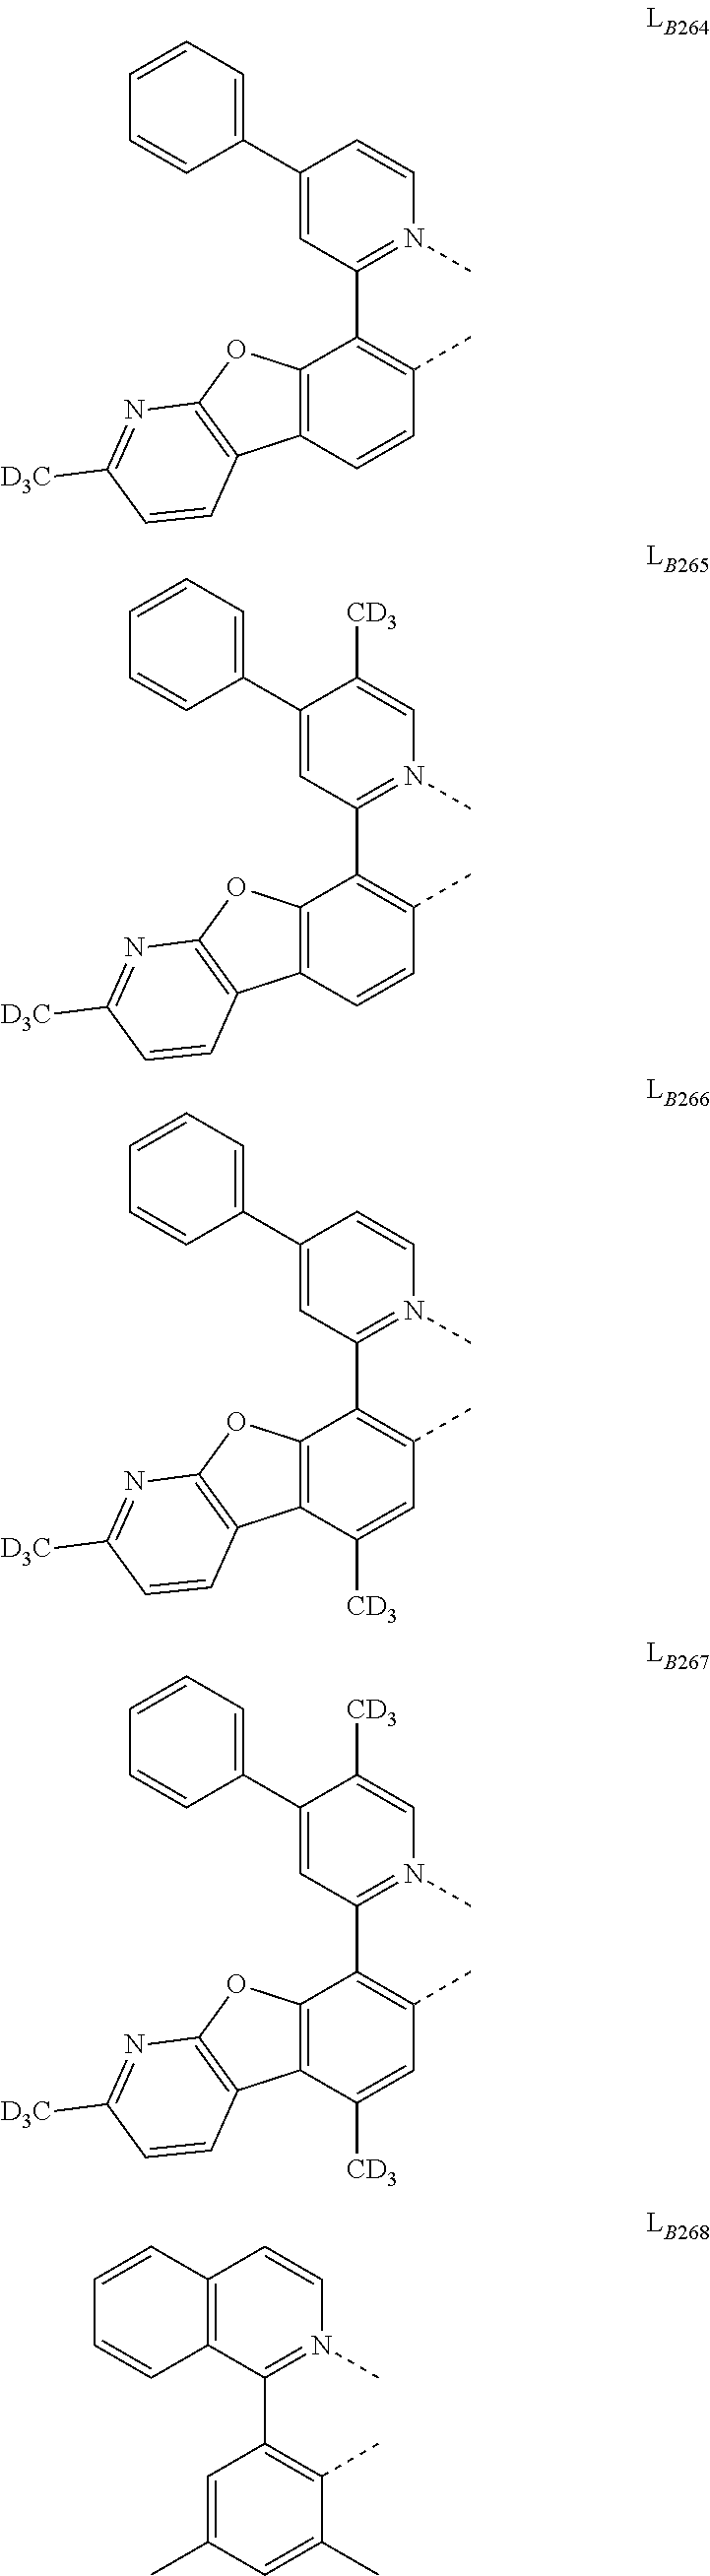 Figure US20180130962A1-20180510-C00120